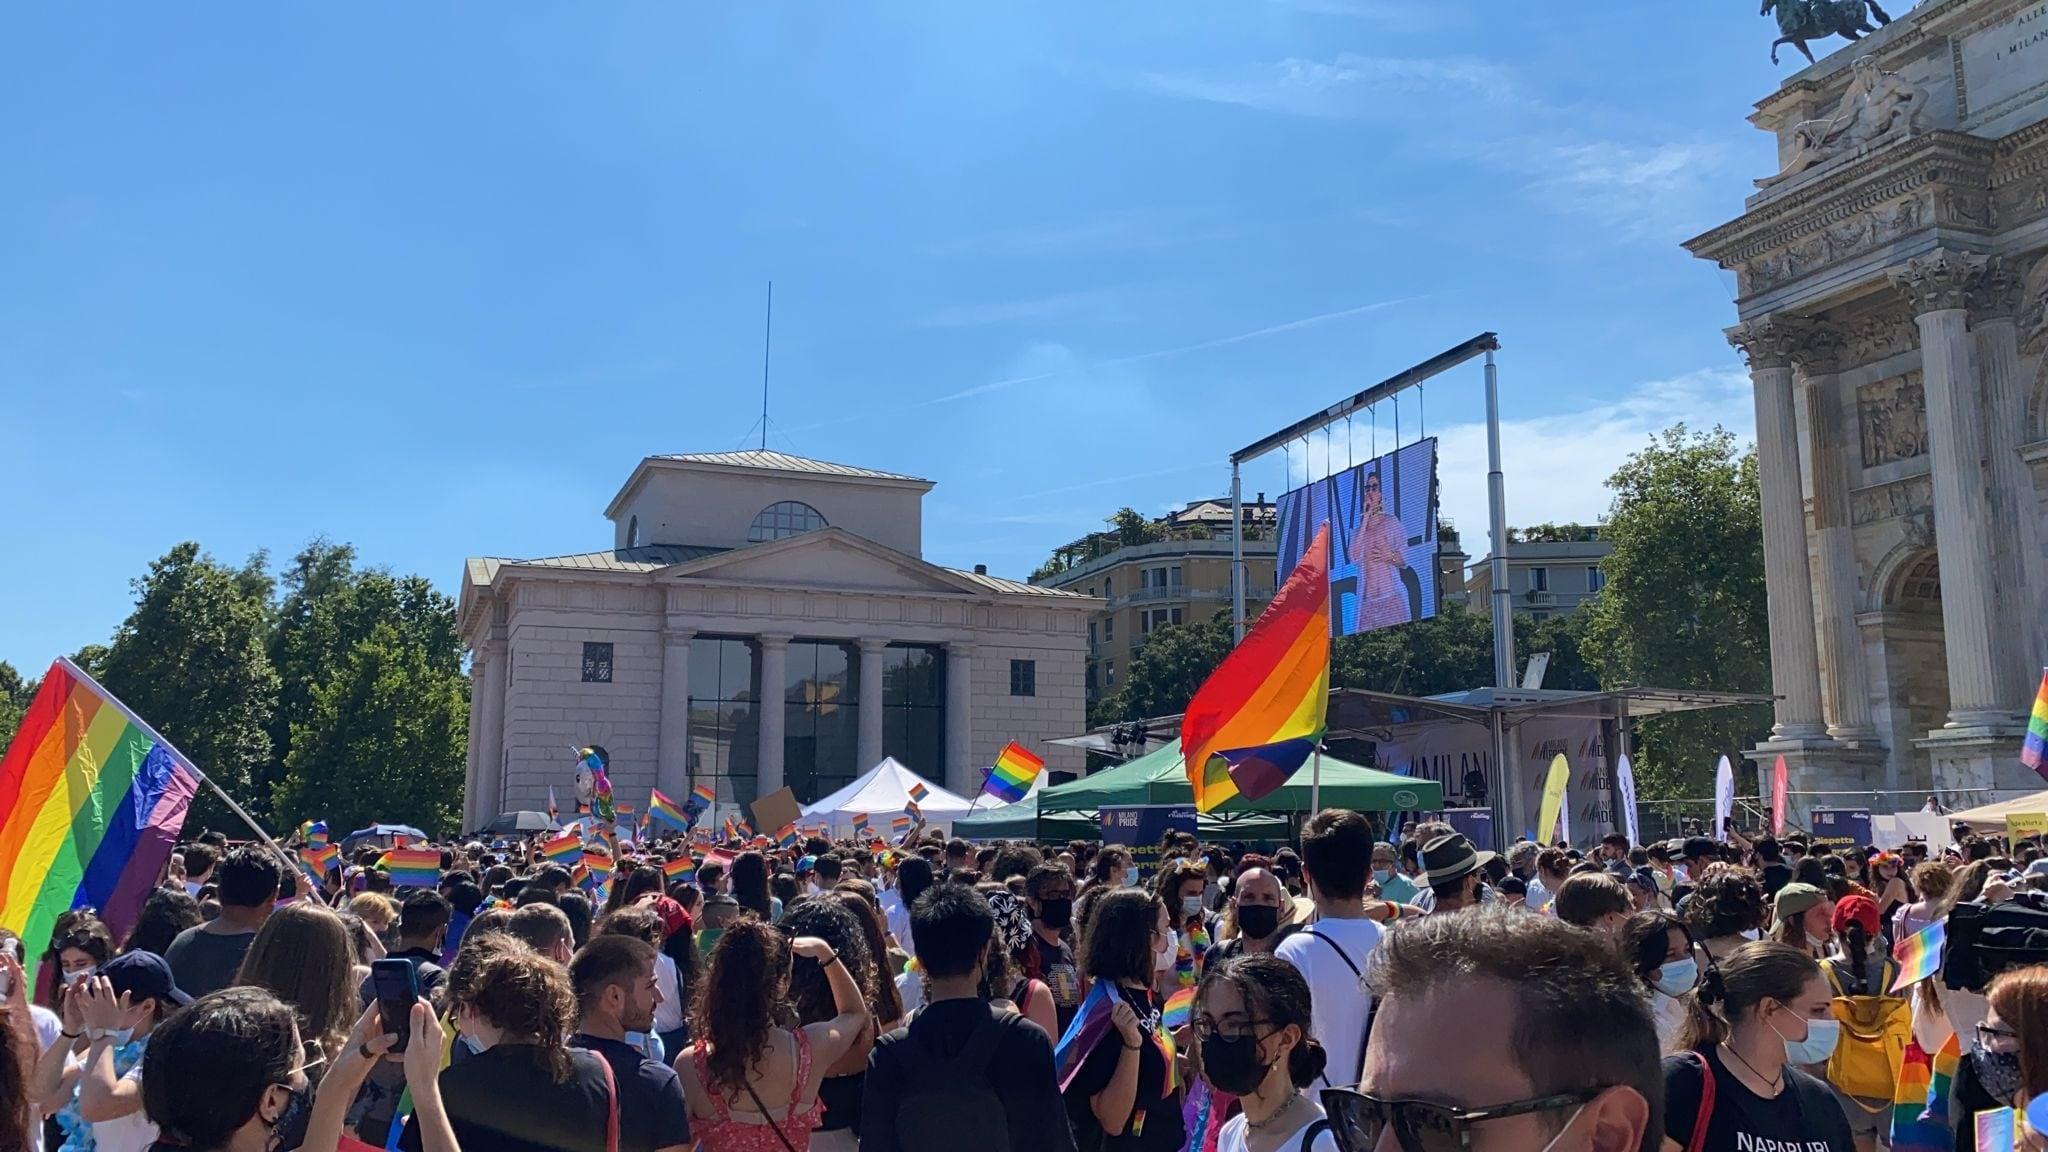 A Milano migliaia di persone scendono in piazza per il Pride 2021